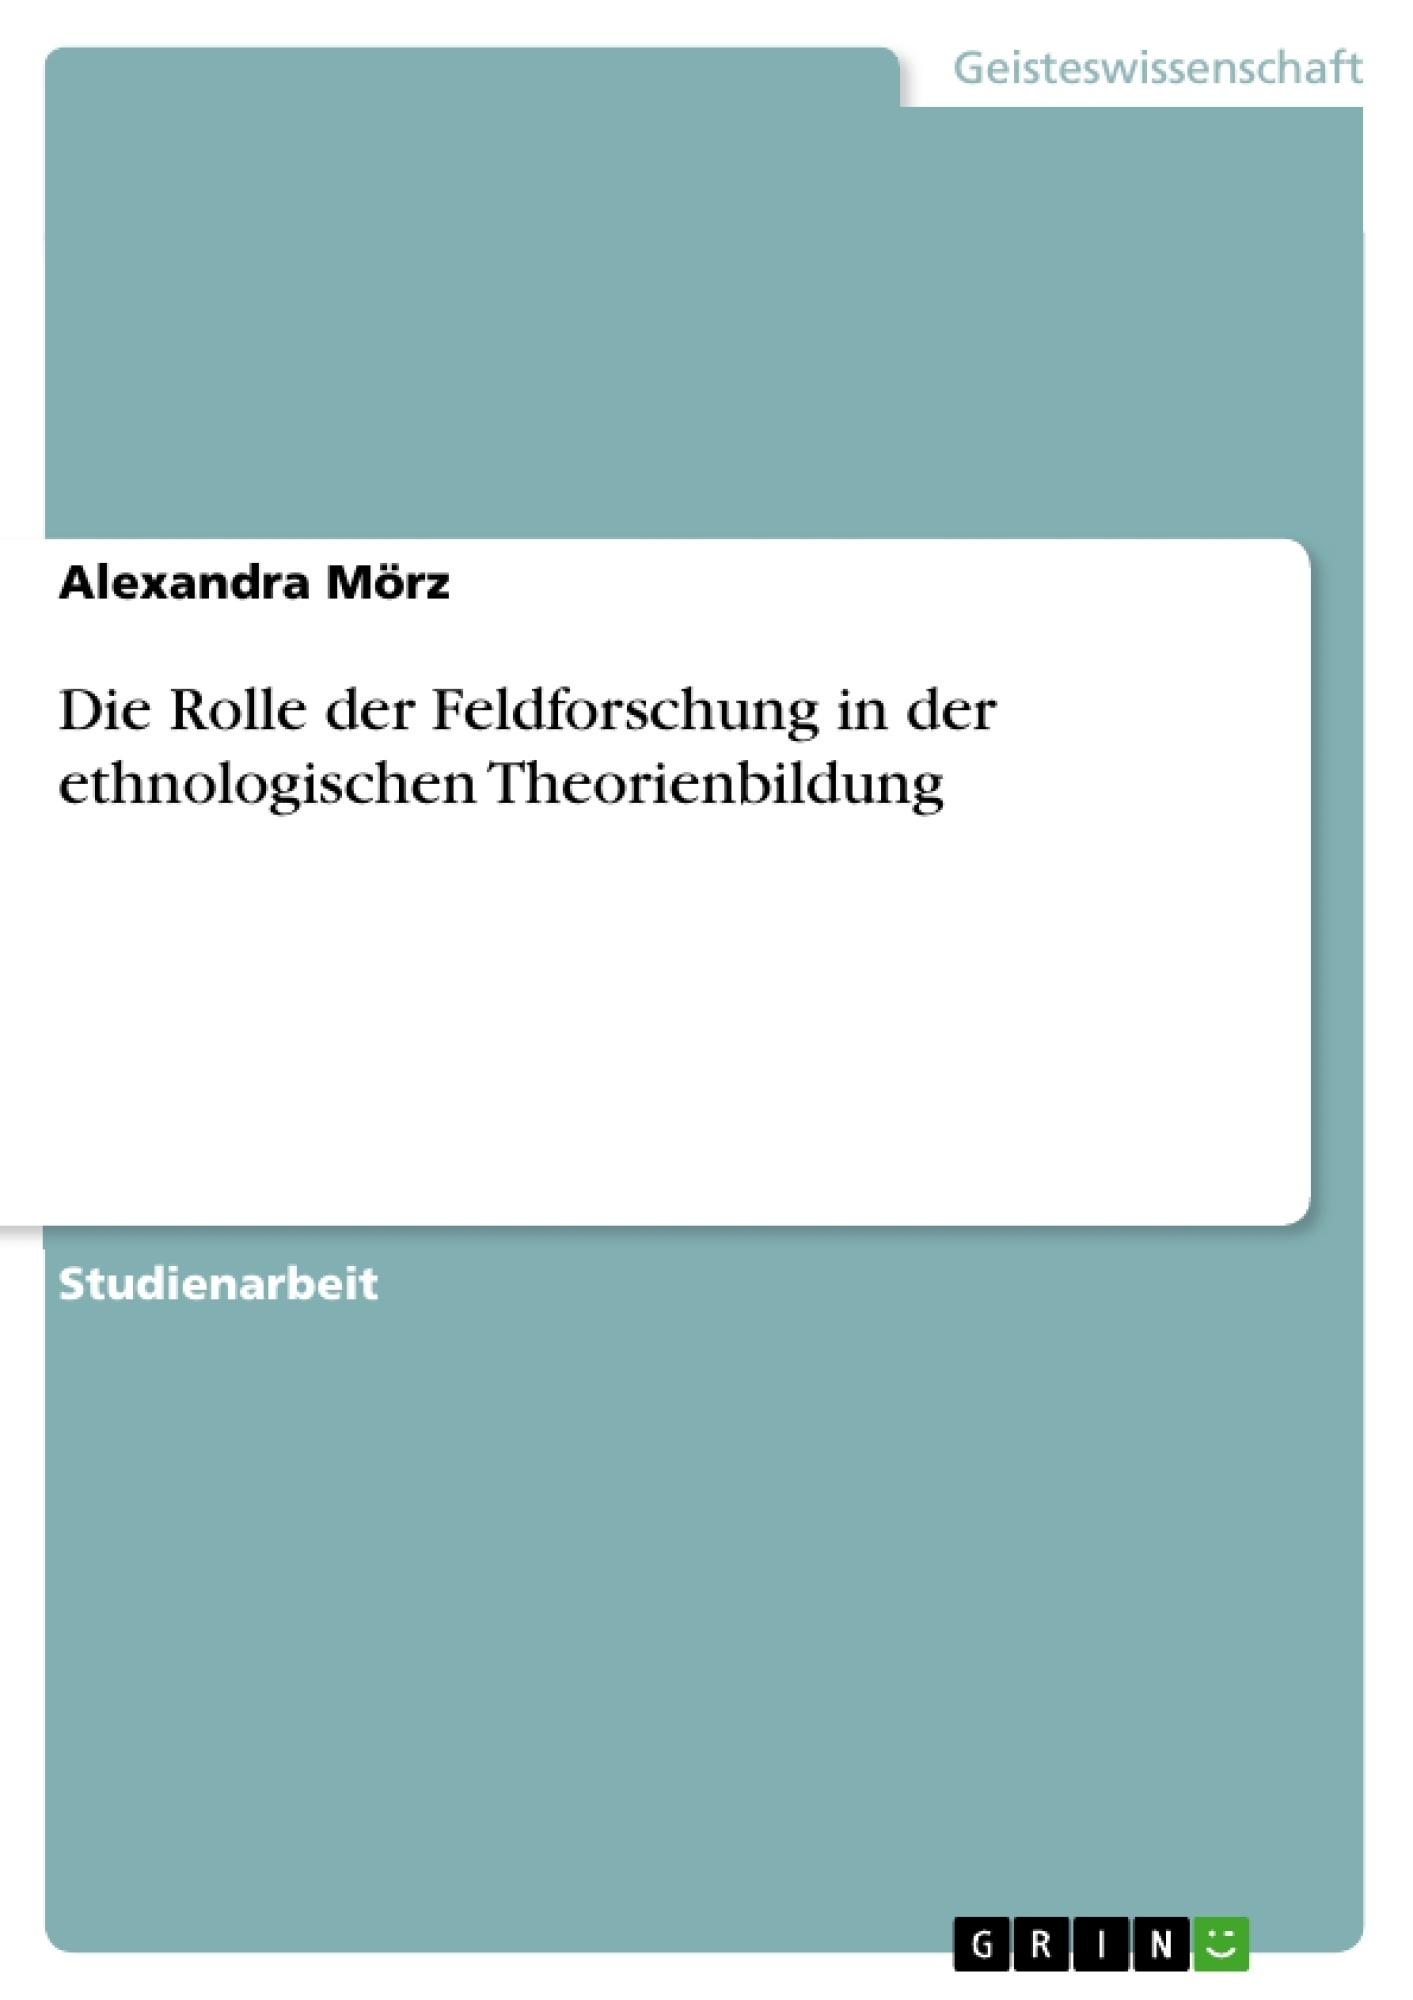 Titel: Die Rolle der Feldforschung in der ethnologischen Theorienbildung